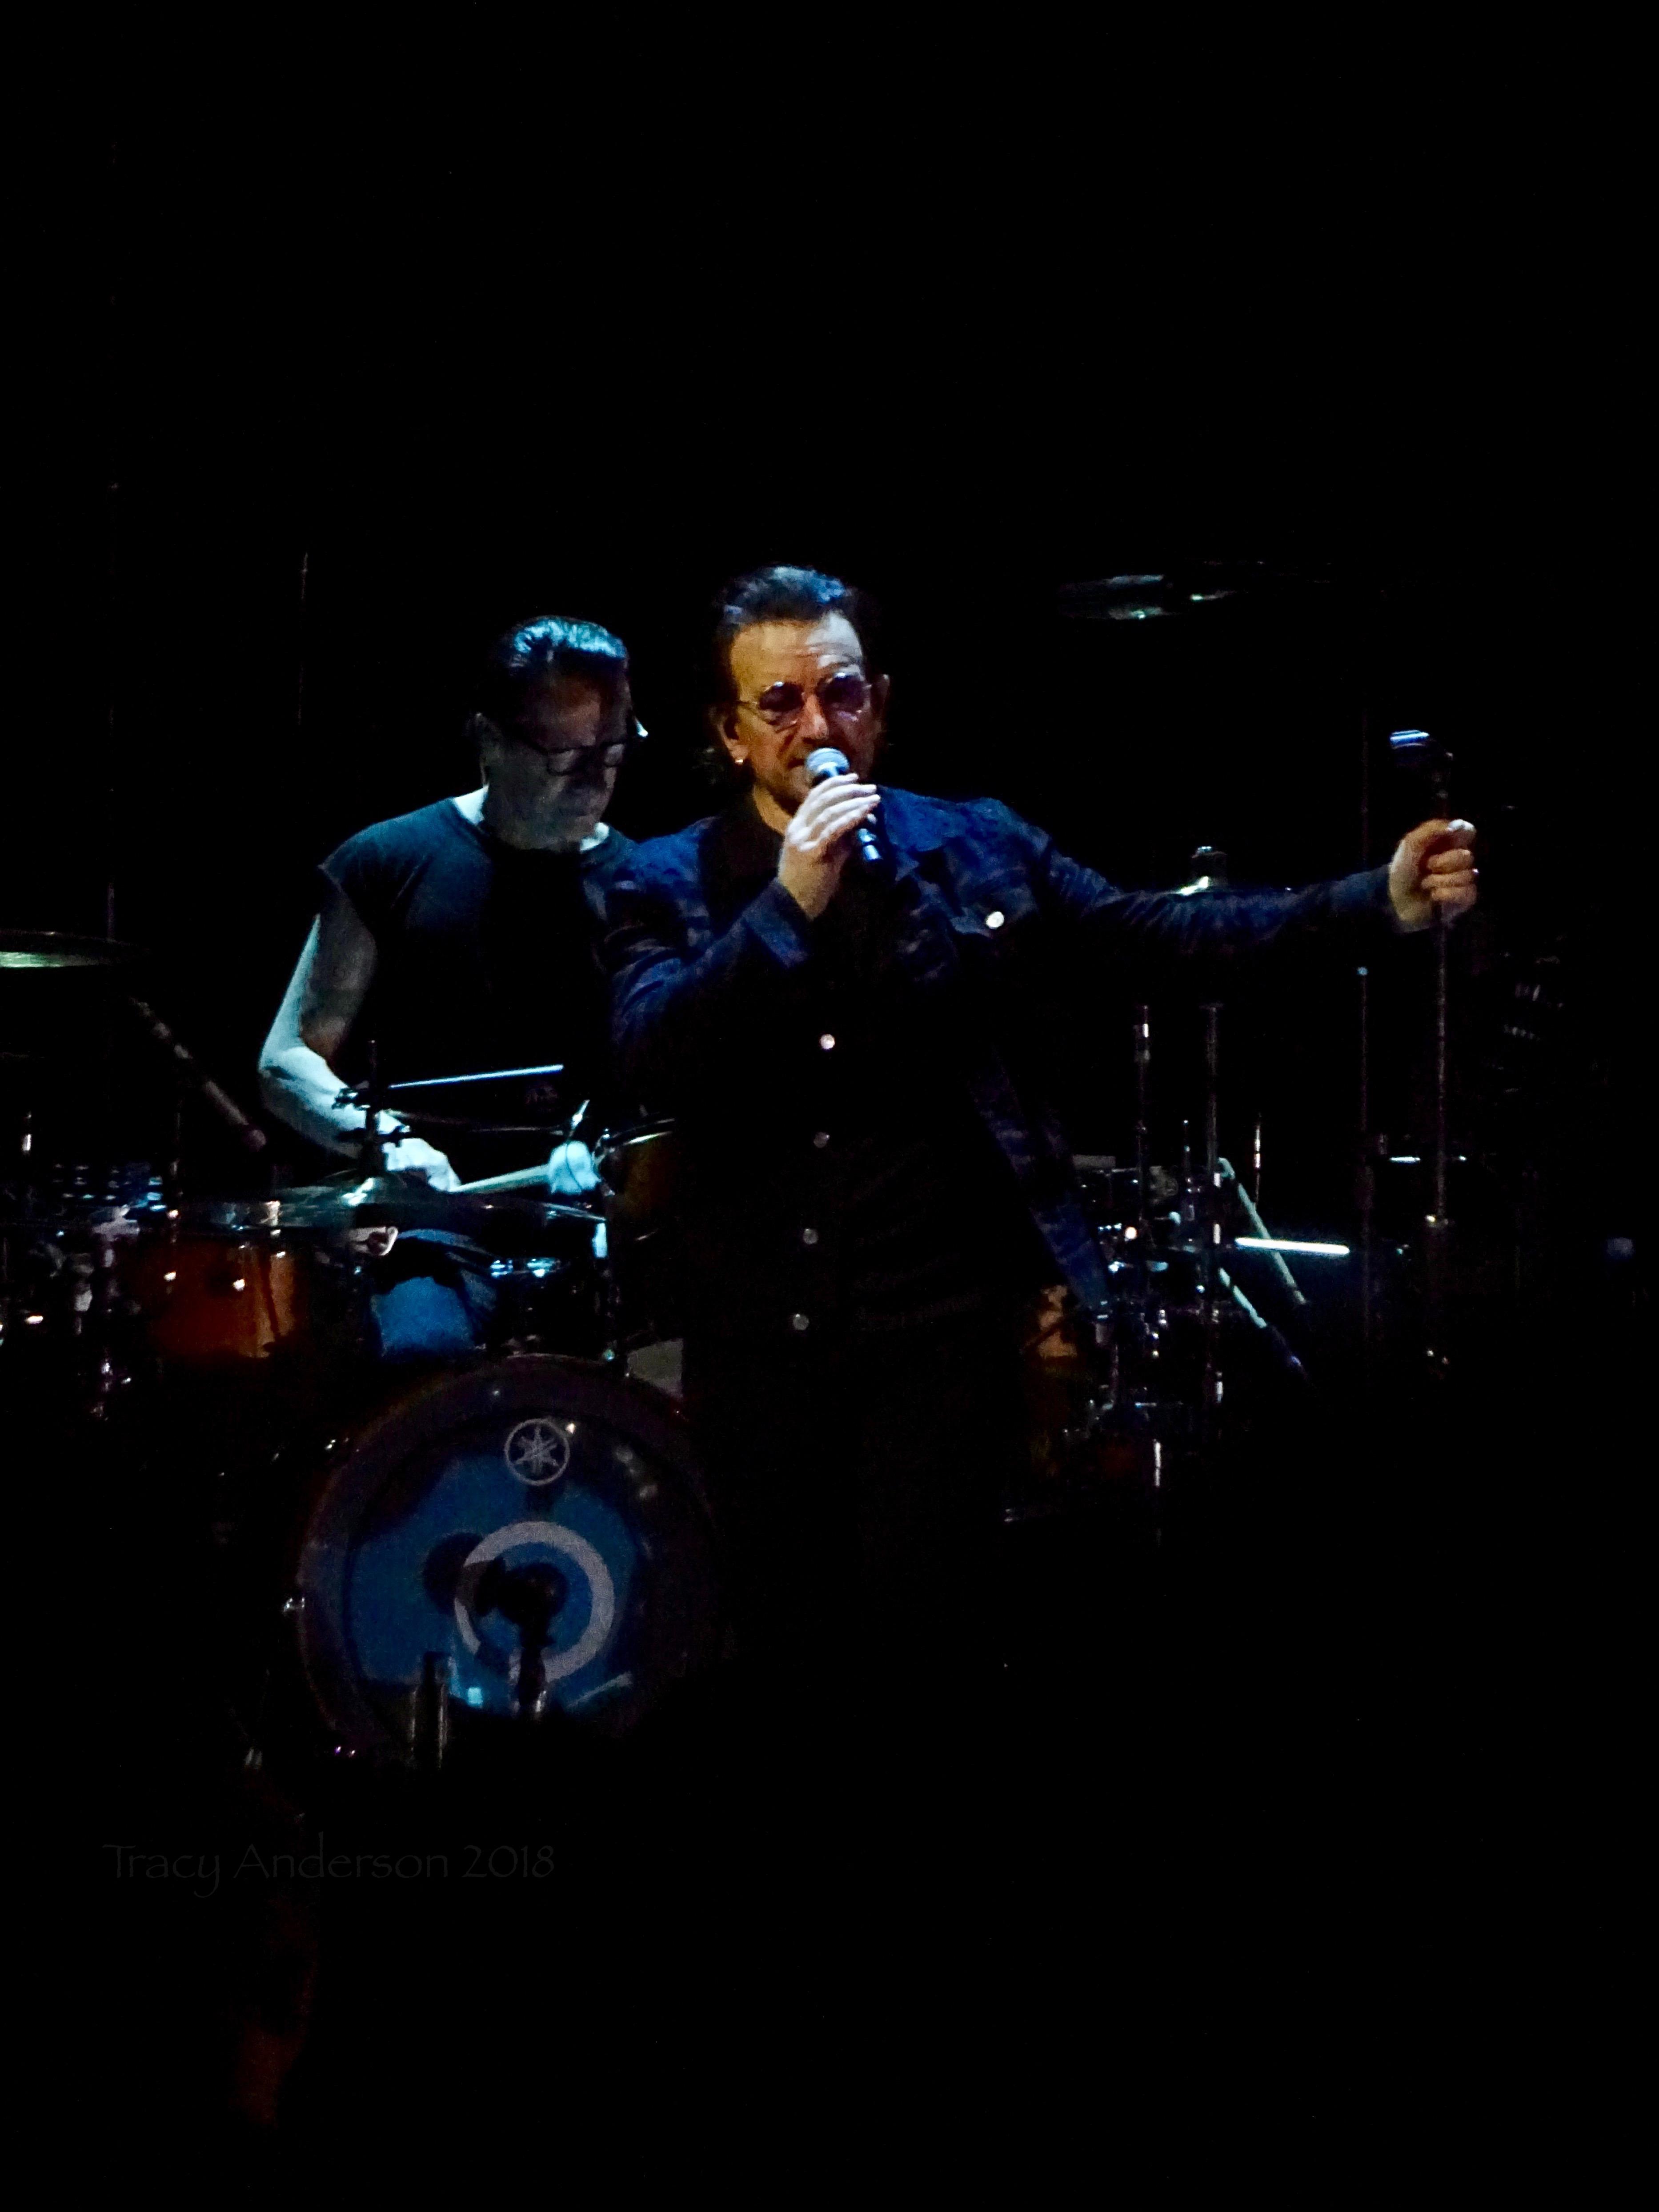 Bono Larry U2 Dublin 4 3Arena Nov 10 2018